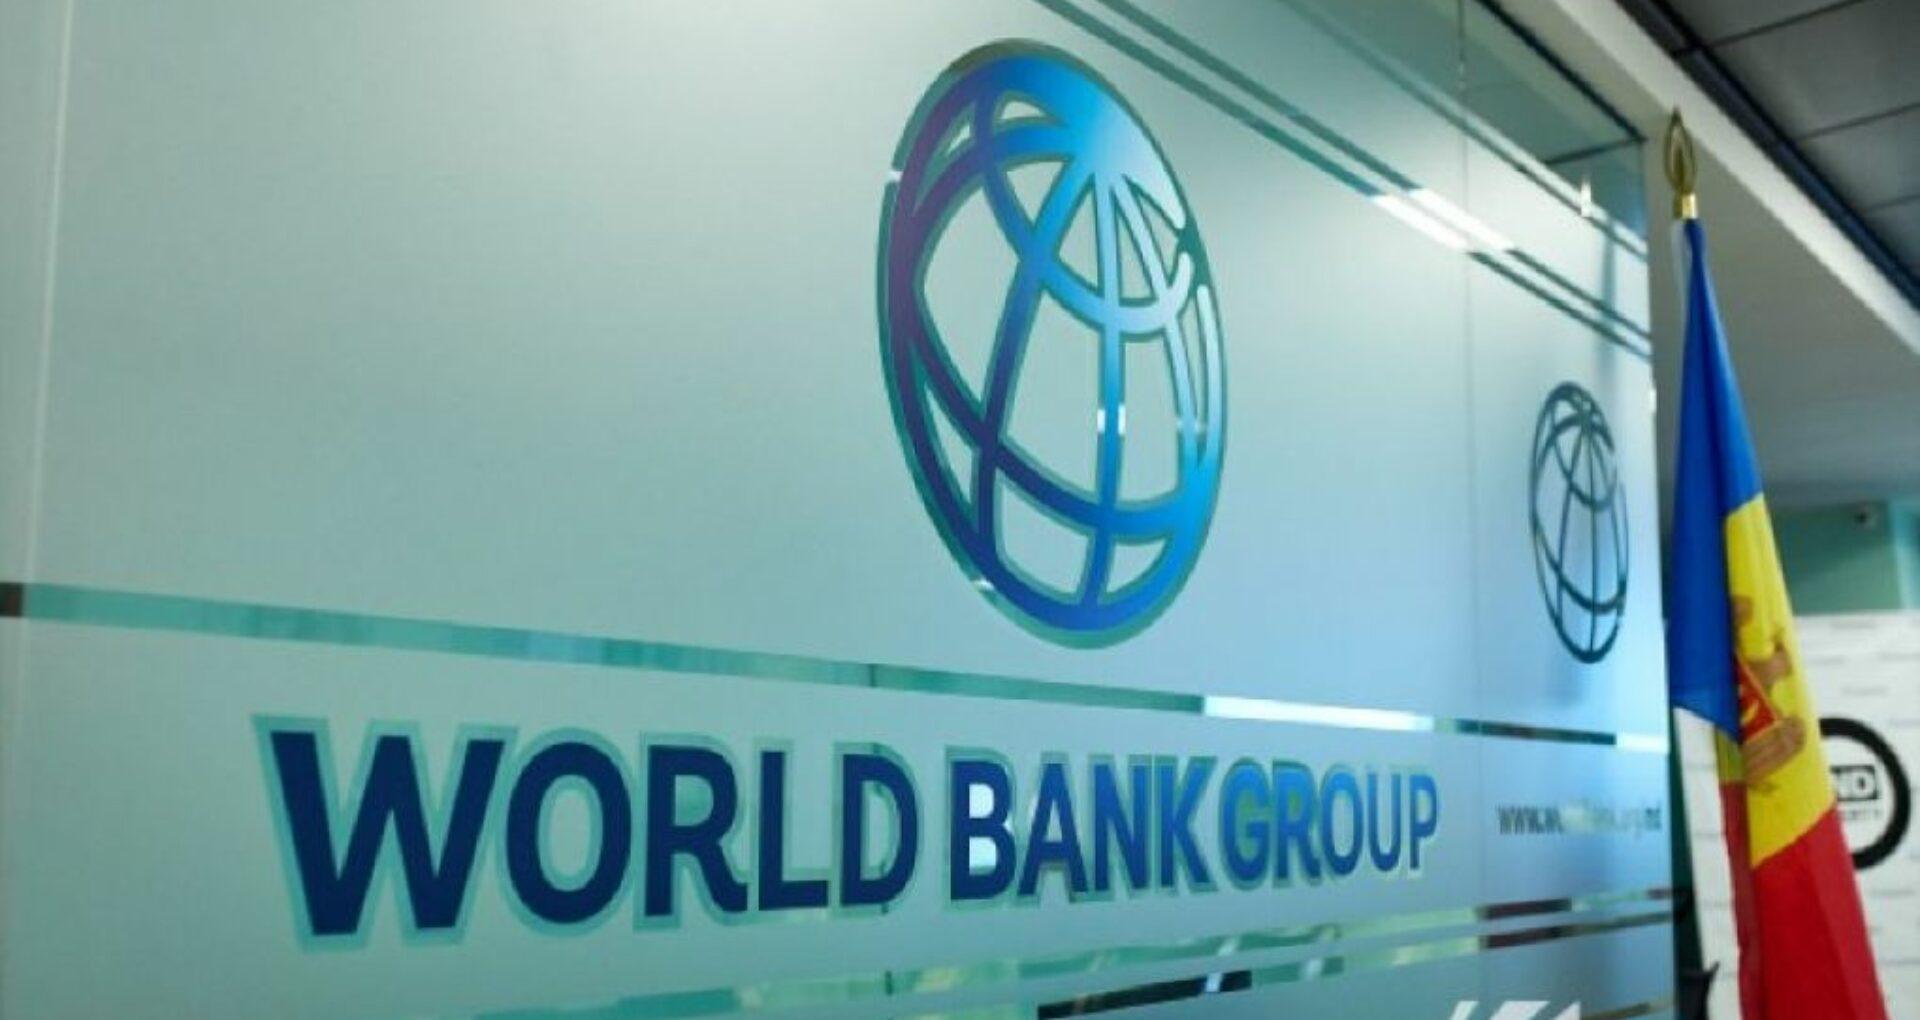 Declarație publică a Băncii Mondiale în Moldova privind adoptarea de către Parlament a mai multor legi